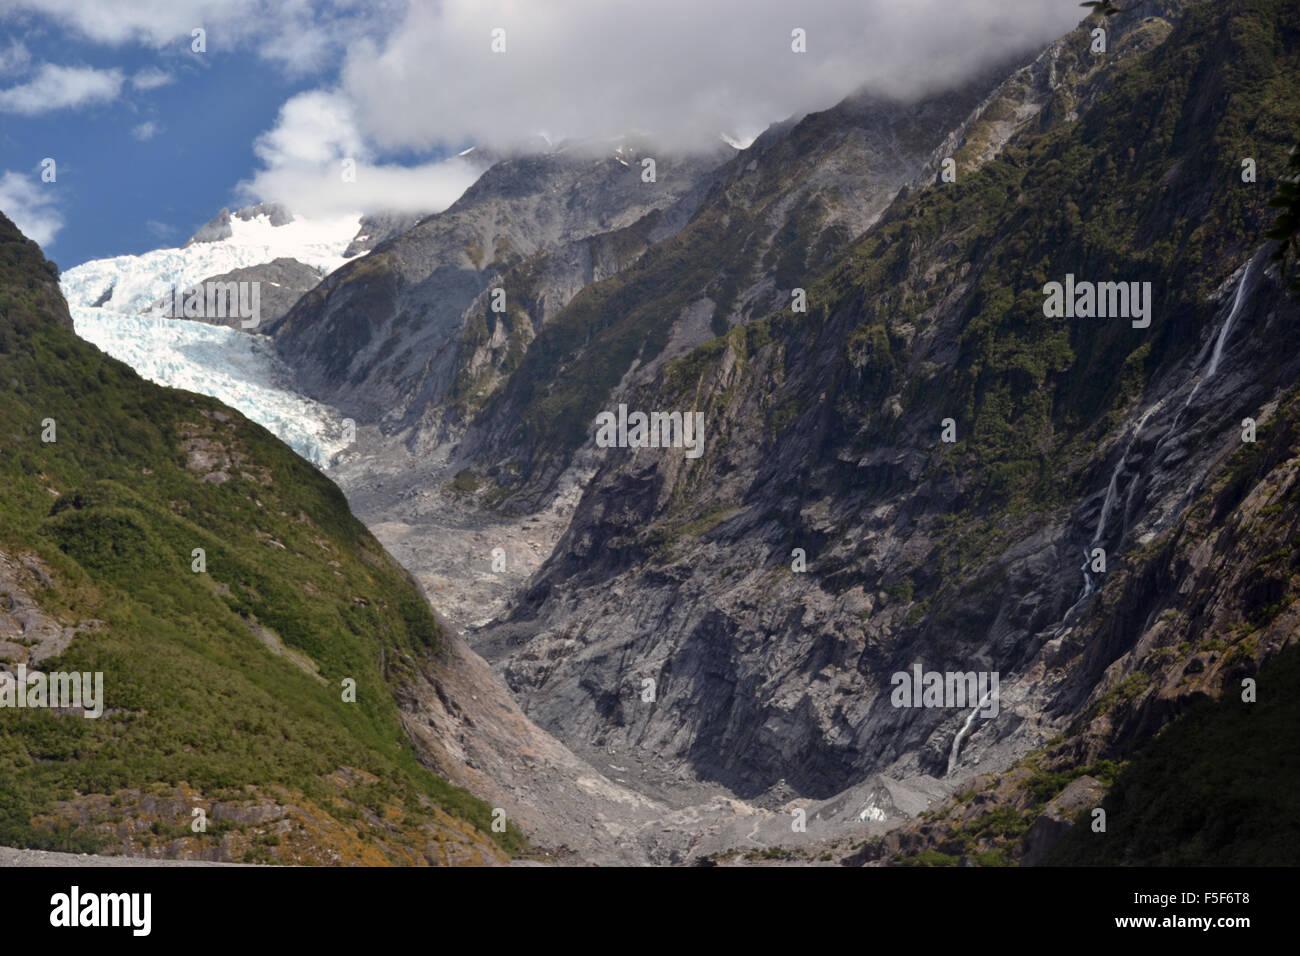 El glaciar Franz Josef, el deshielo de los glaciares debido al cambio climático, Franz Josef, Isla del Sur, Imagen De Stock